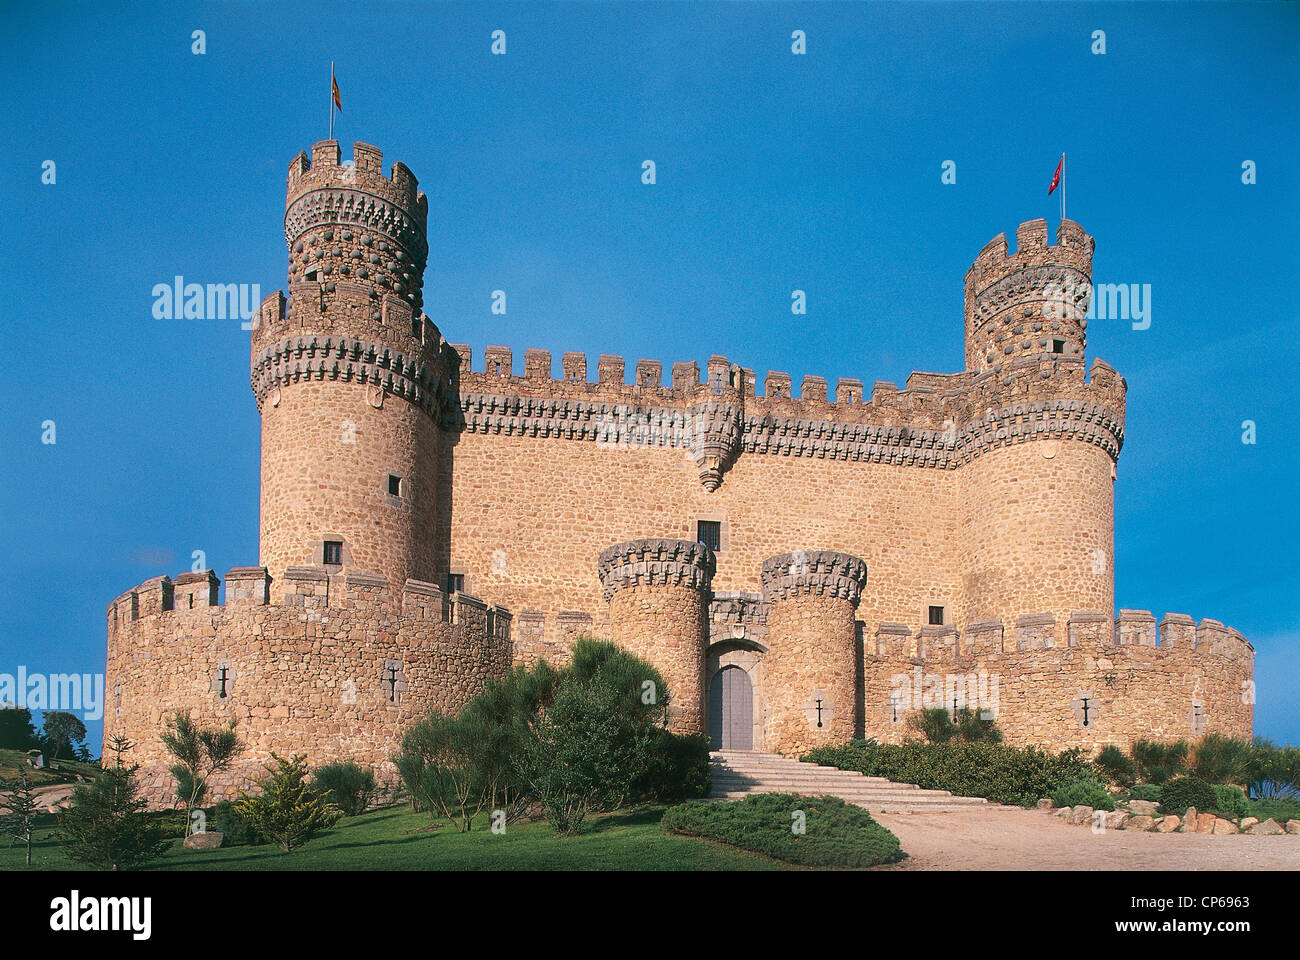 Spain - Madrid - Manzanares el Real Castle, XV century. - Stock Image